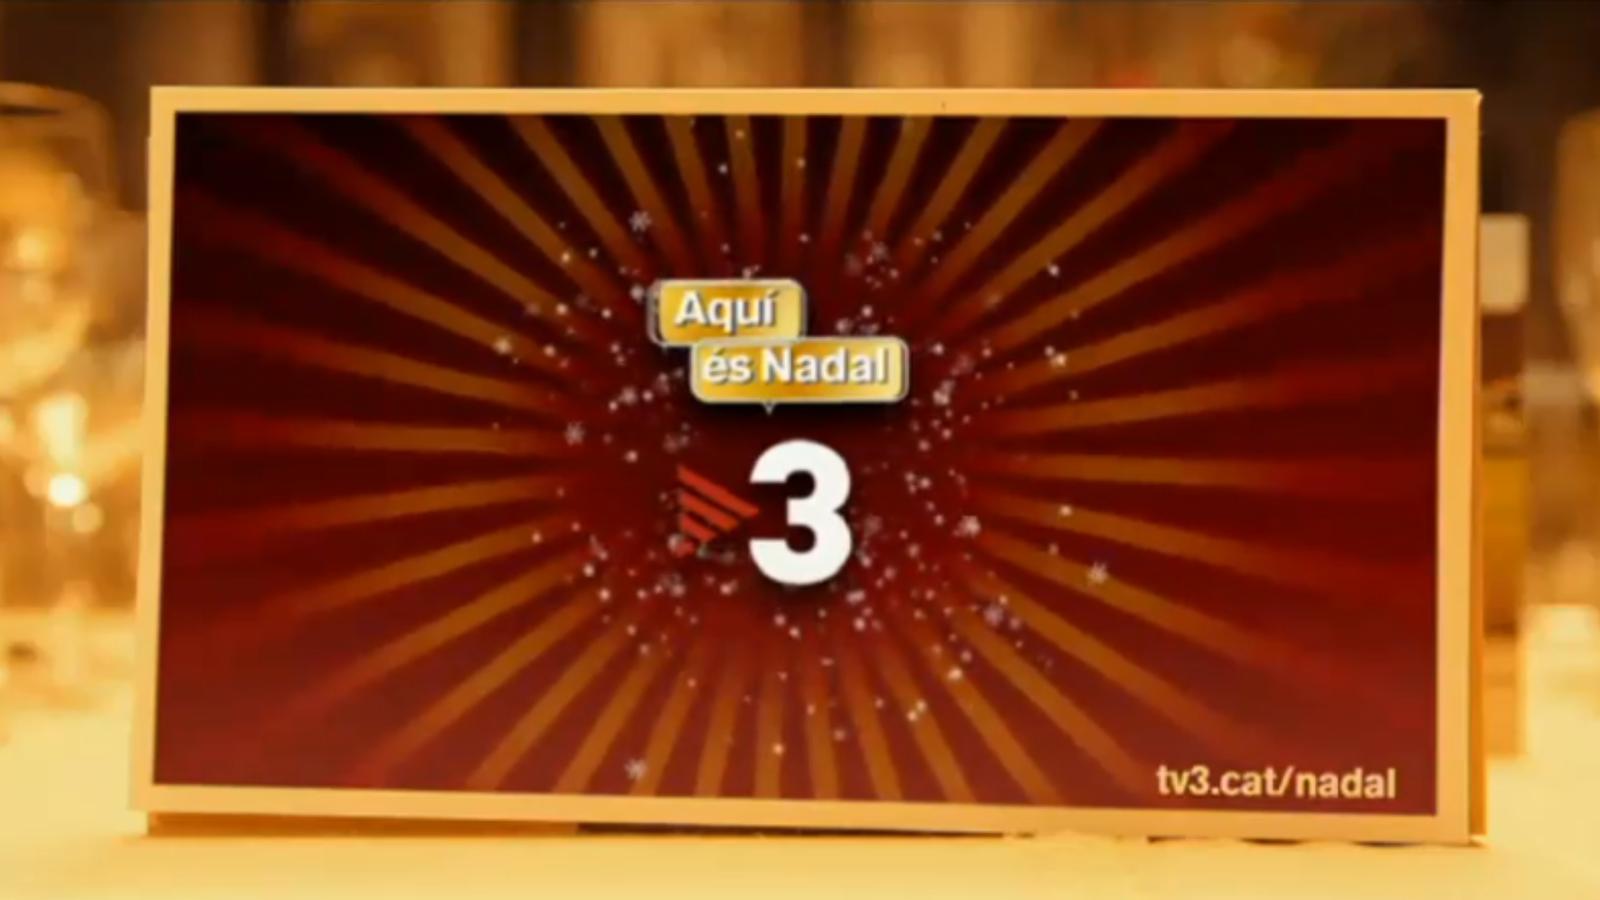 Ja és Nadal a TV3 i estan contents